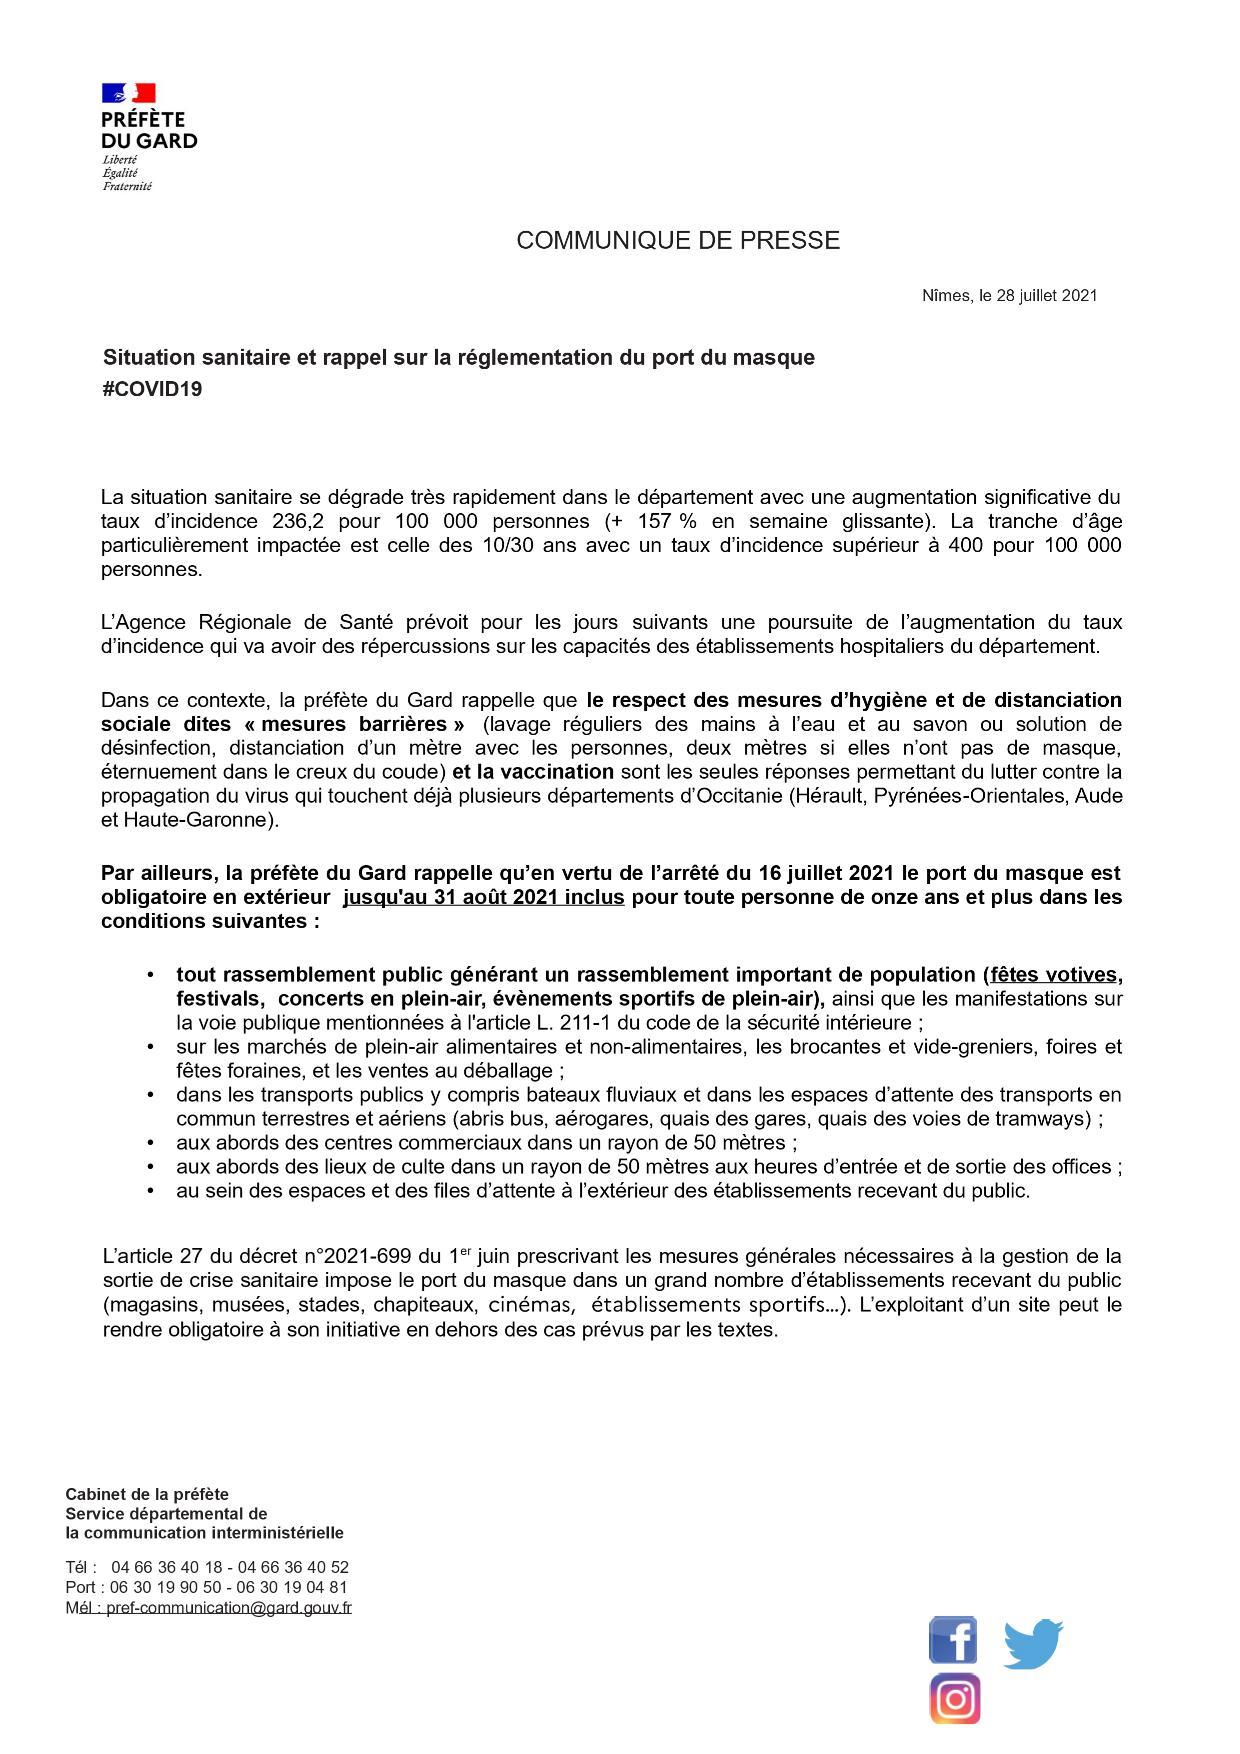 Message de la Préfecture : Covid 19 - rappel des règles du port du masque et des mesures dites barrières